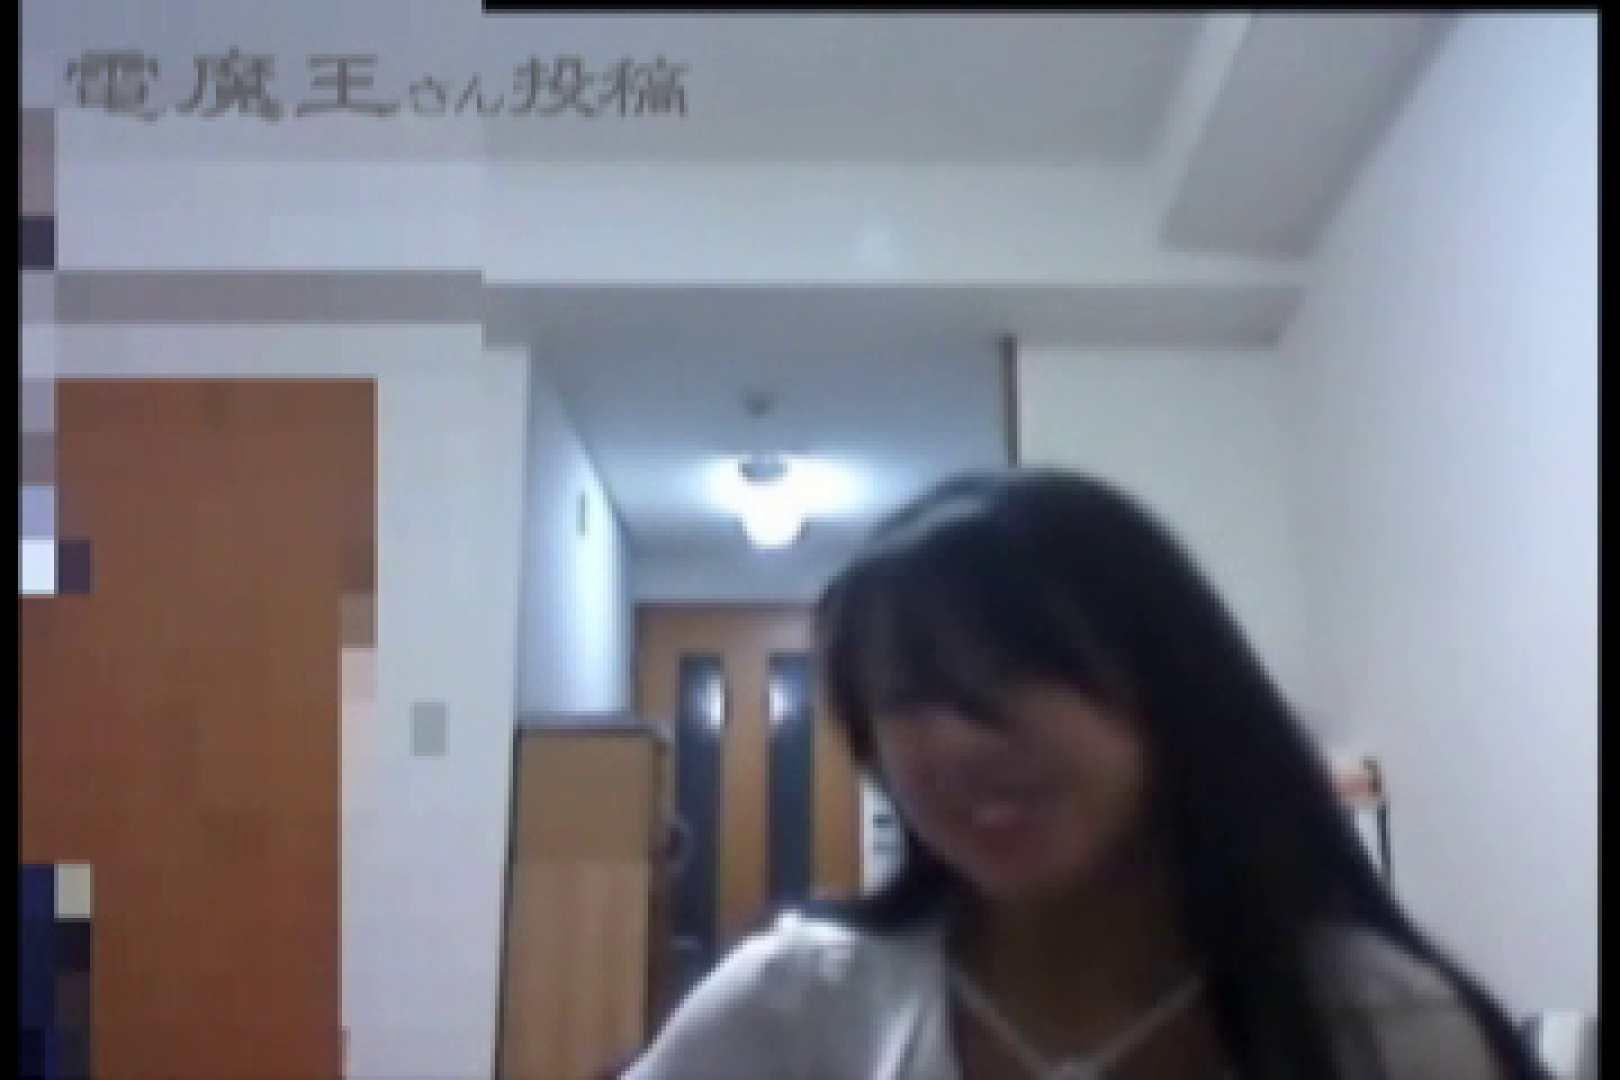 電魔王さんの「隠撮の部屋」ミーナ 隠撮 すけべAV動画紹介 105pic 14